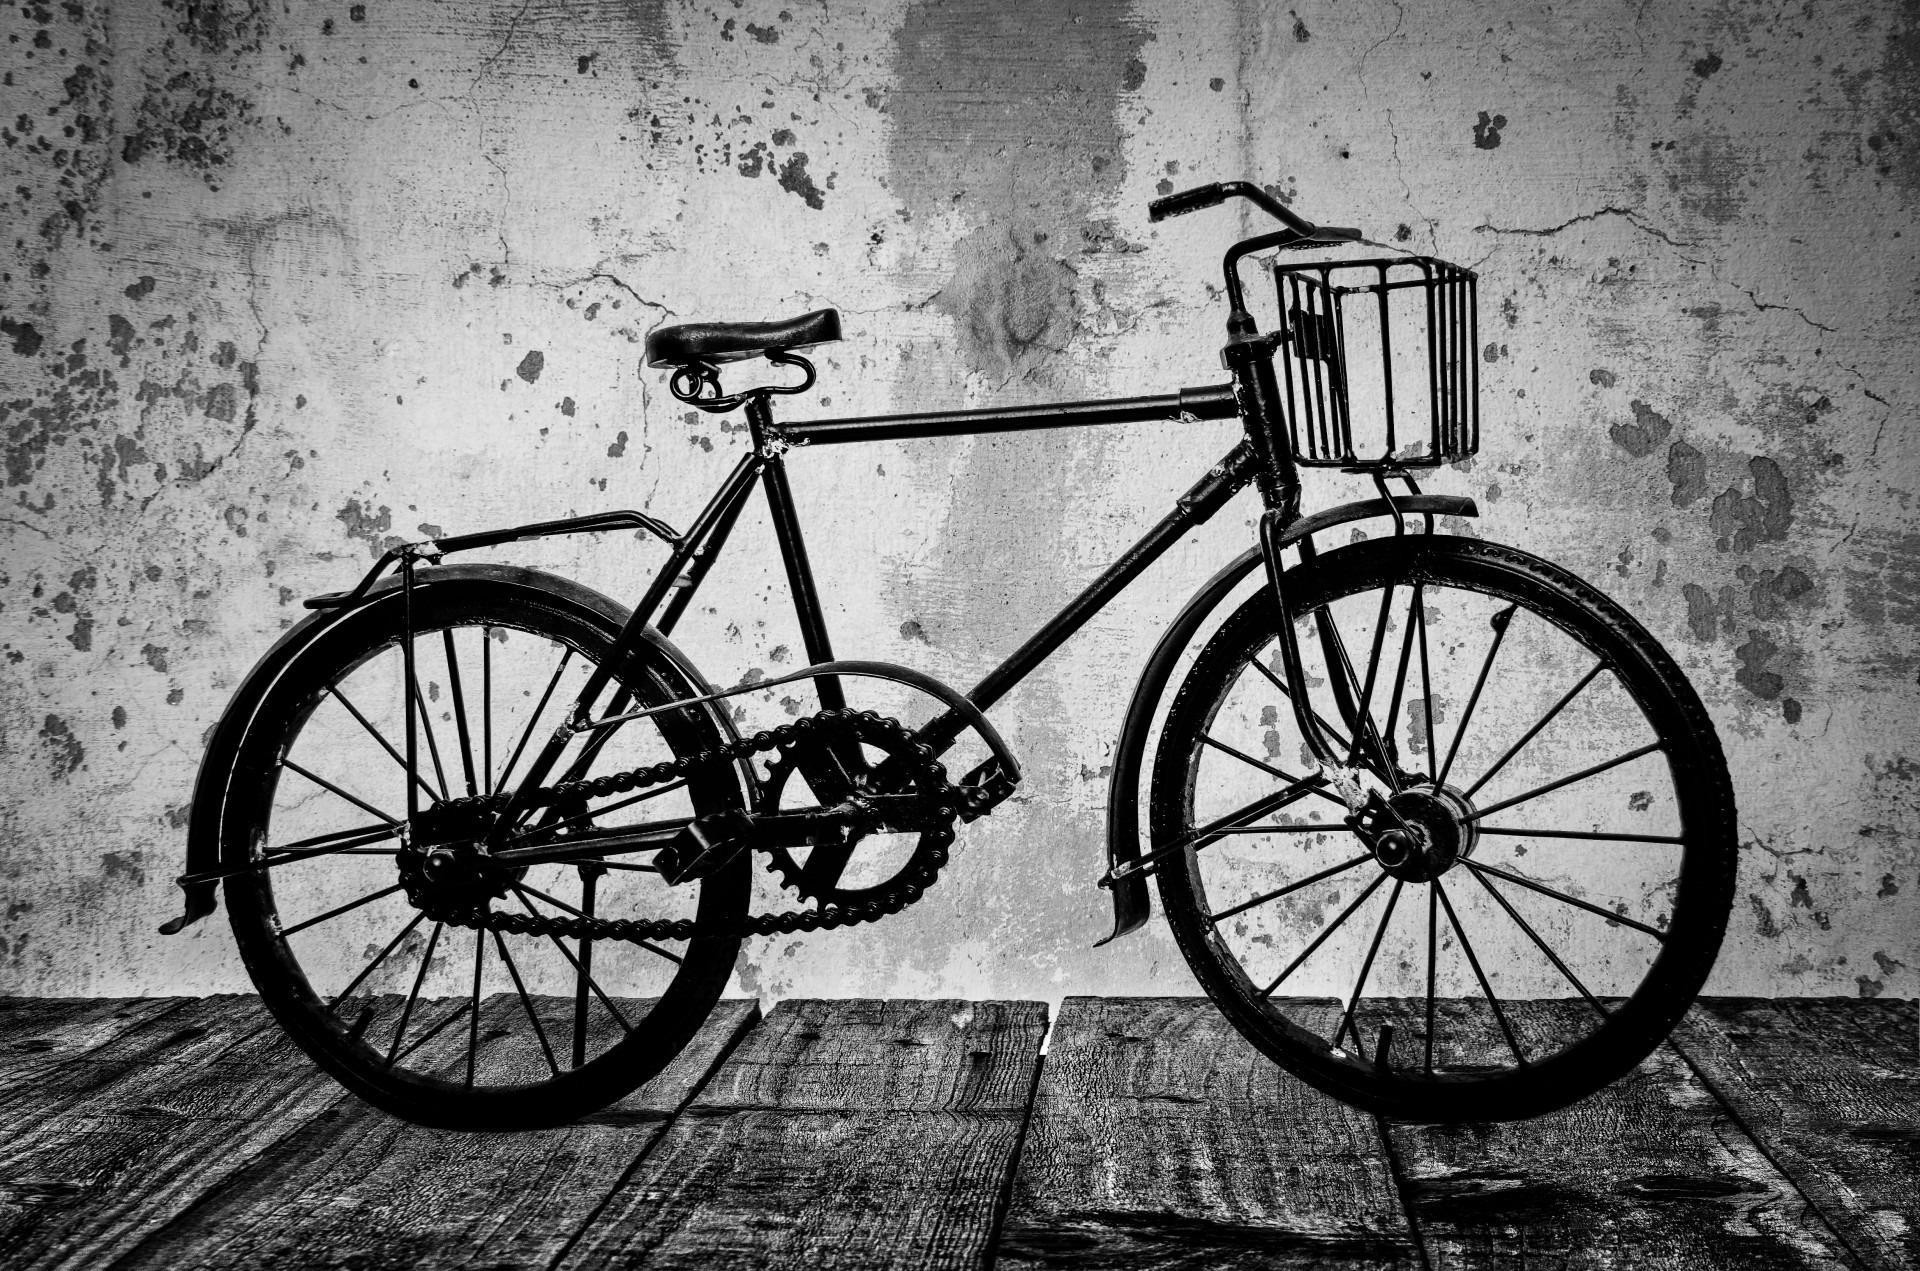 Рождеством одноклассники, старые велосипеды картинки